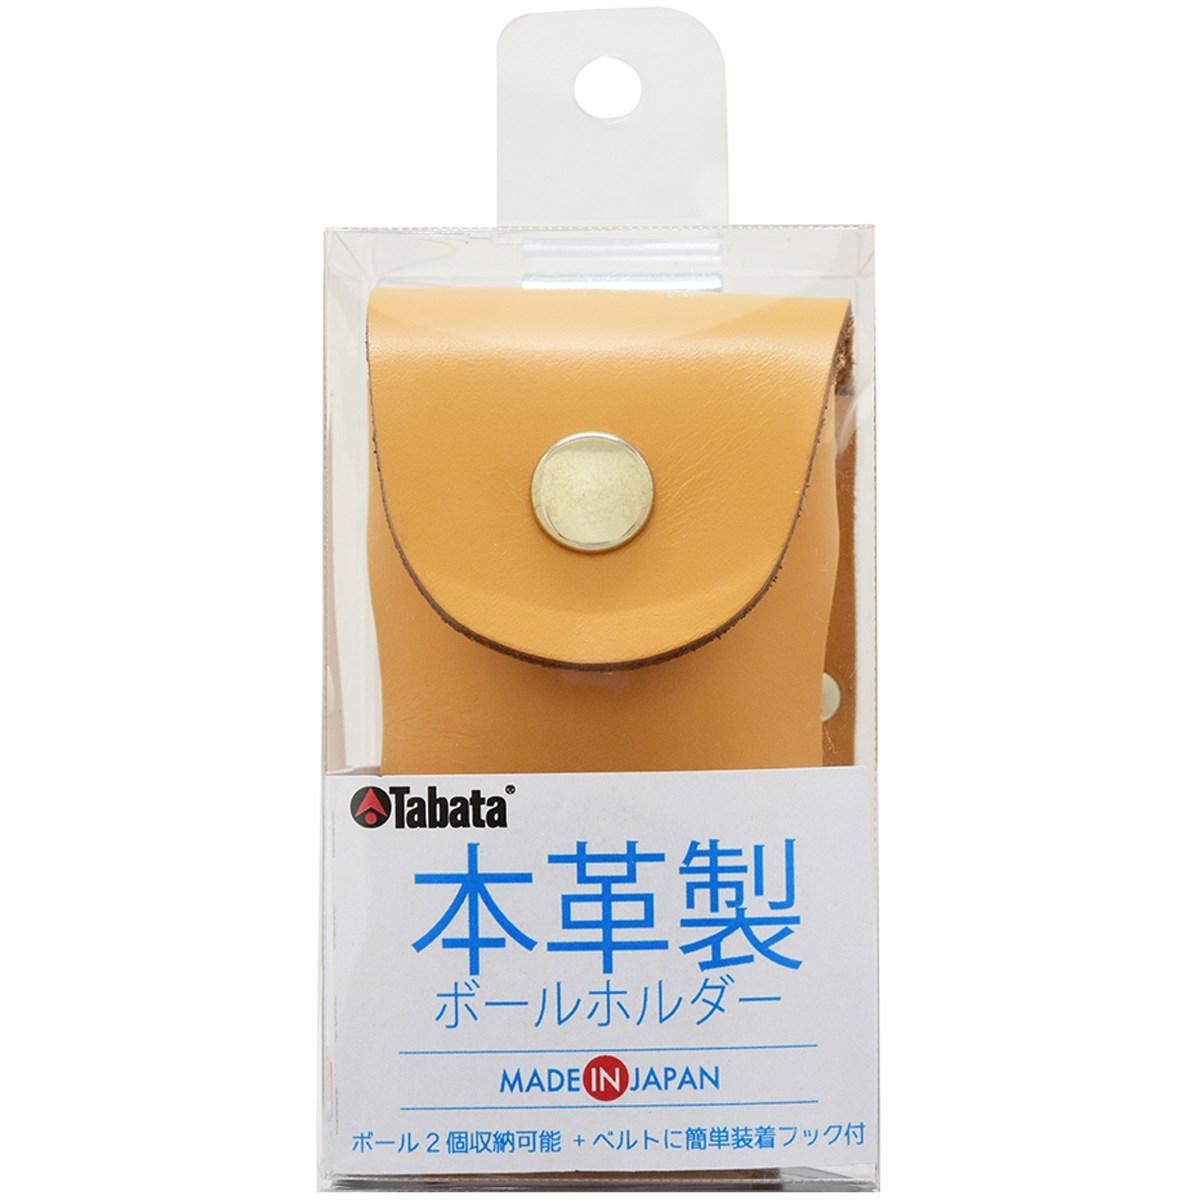 タバタ 本革製ボールホルダー